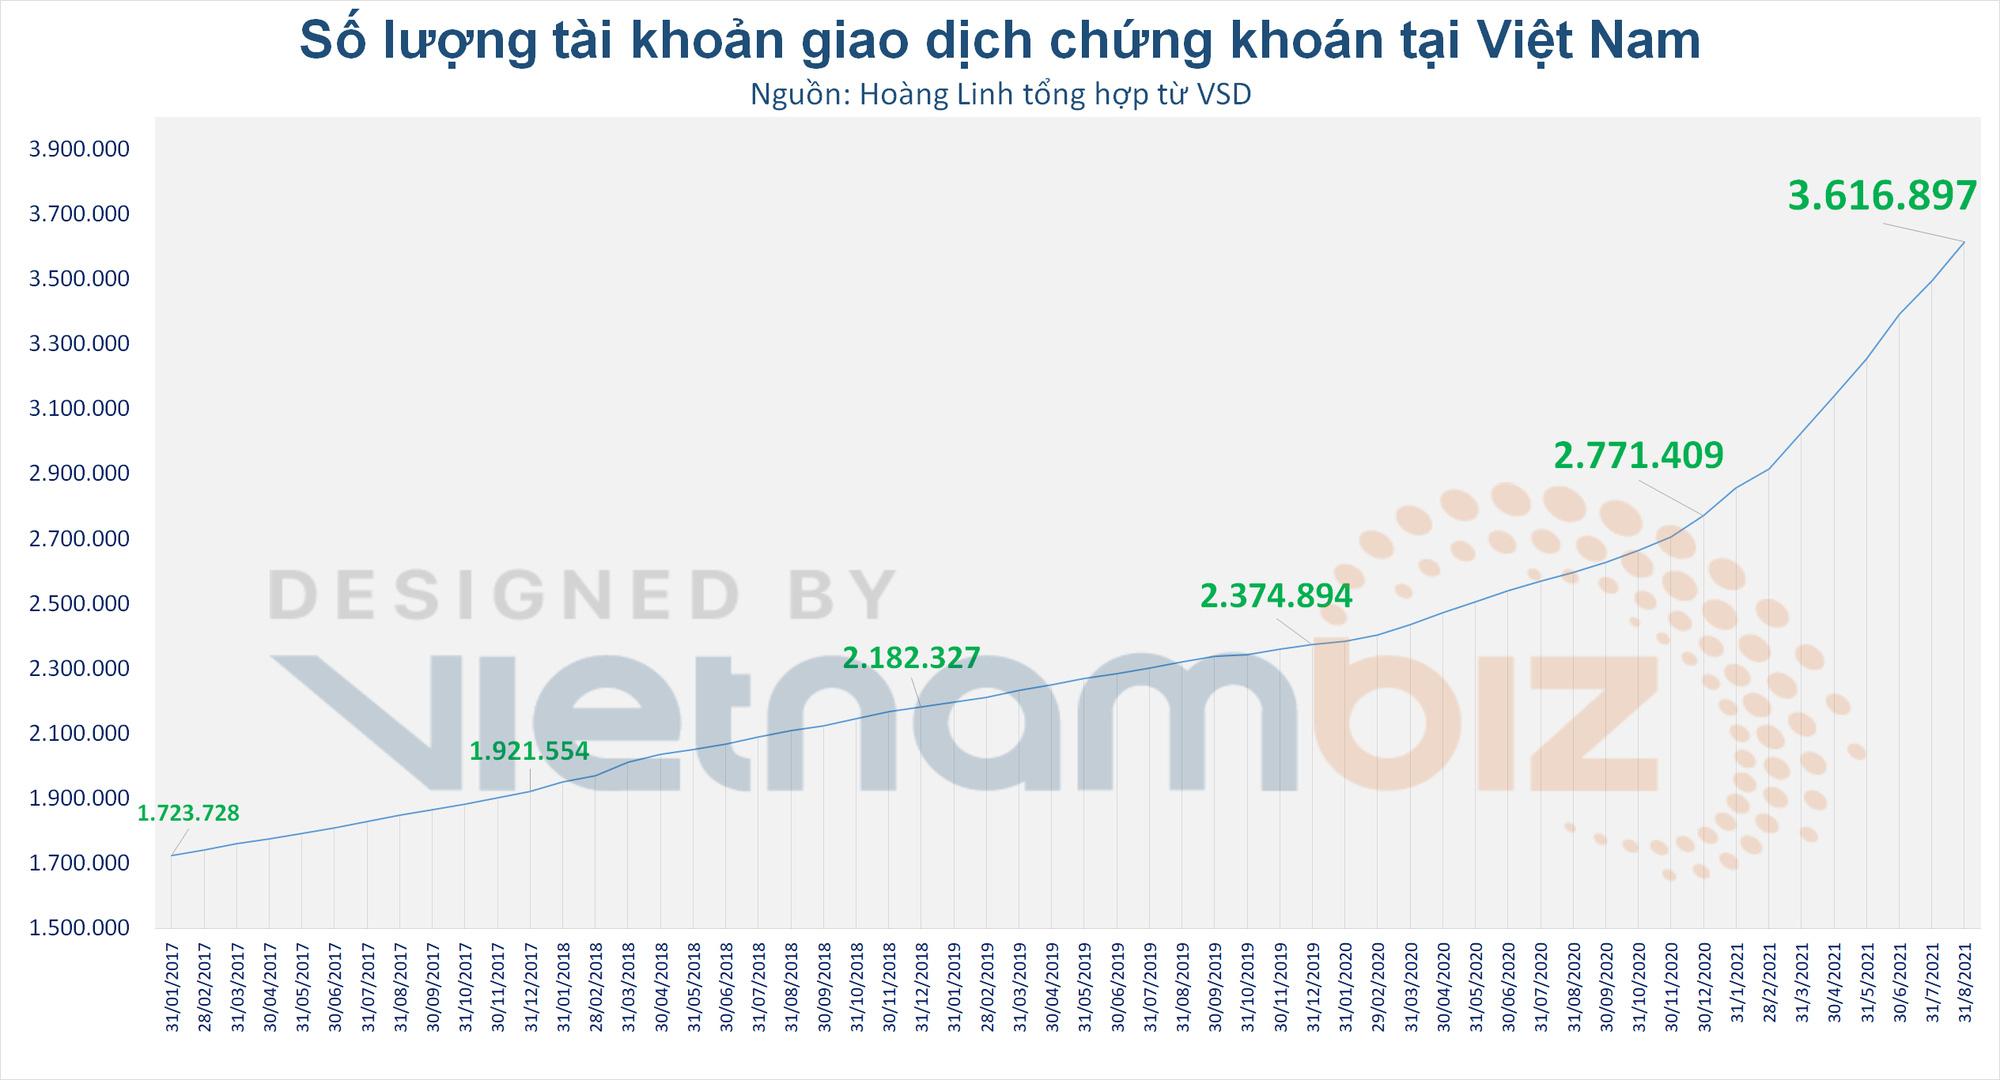 Người dân ồ ạt mở tài khoản chứng khoán giữa mùa dịch, tiến gần mức 4% dân số Việt Nam - Ảnh 2.